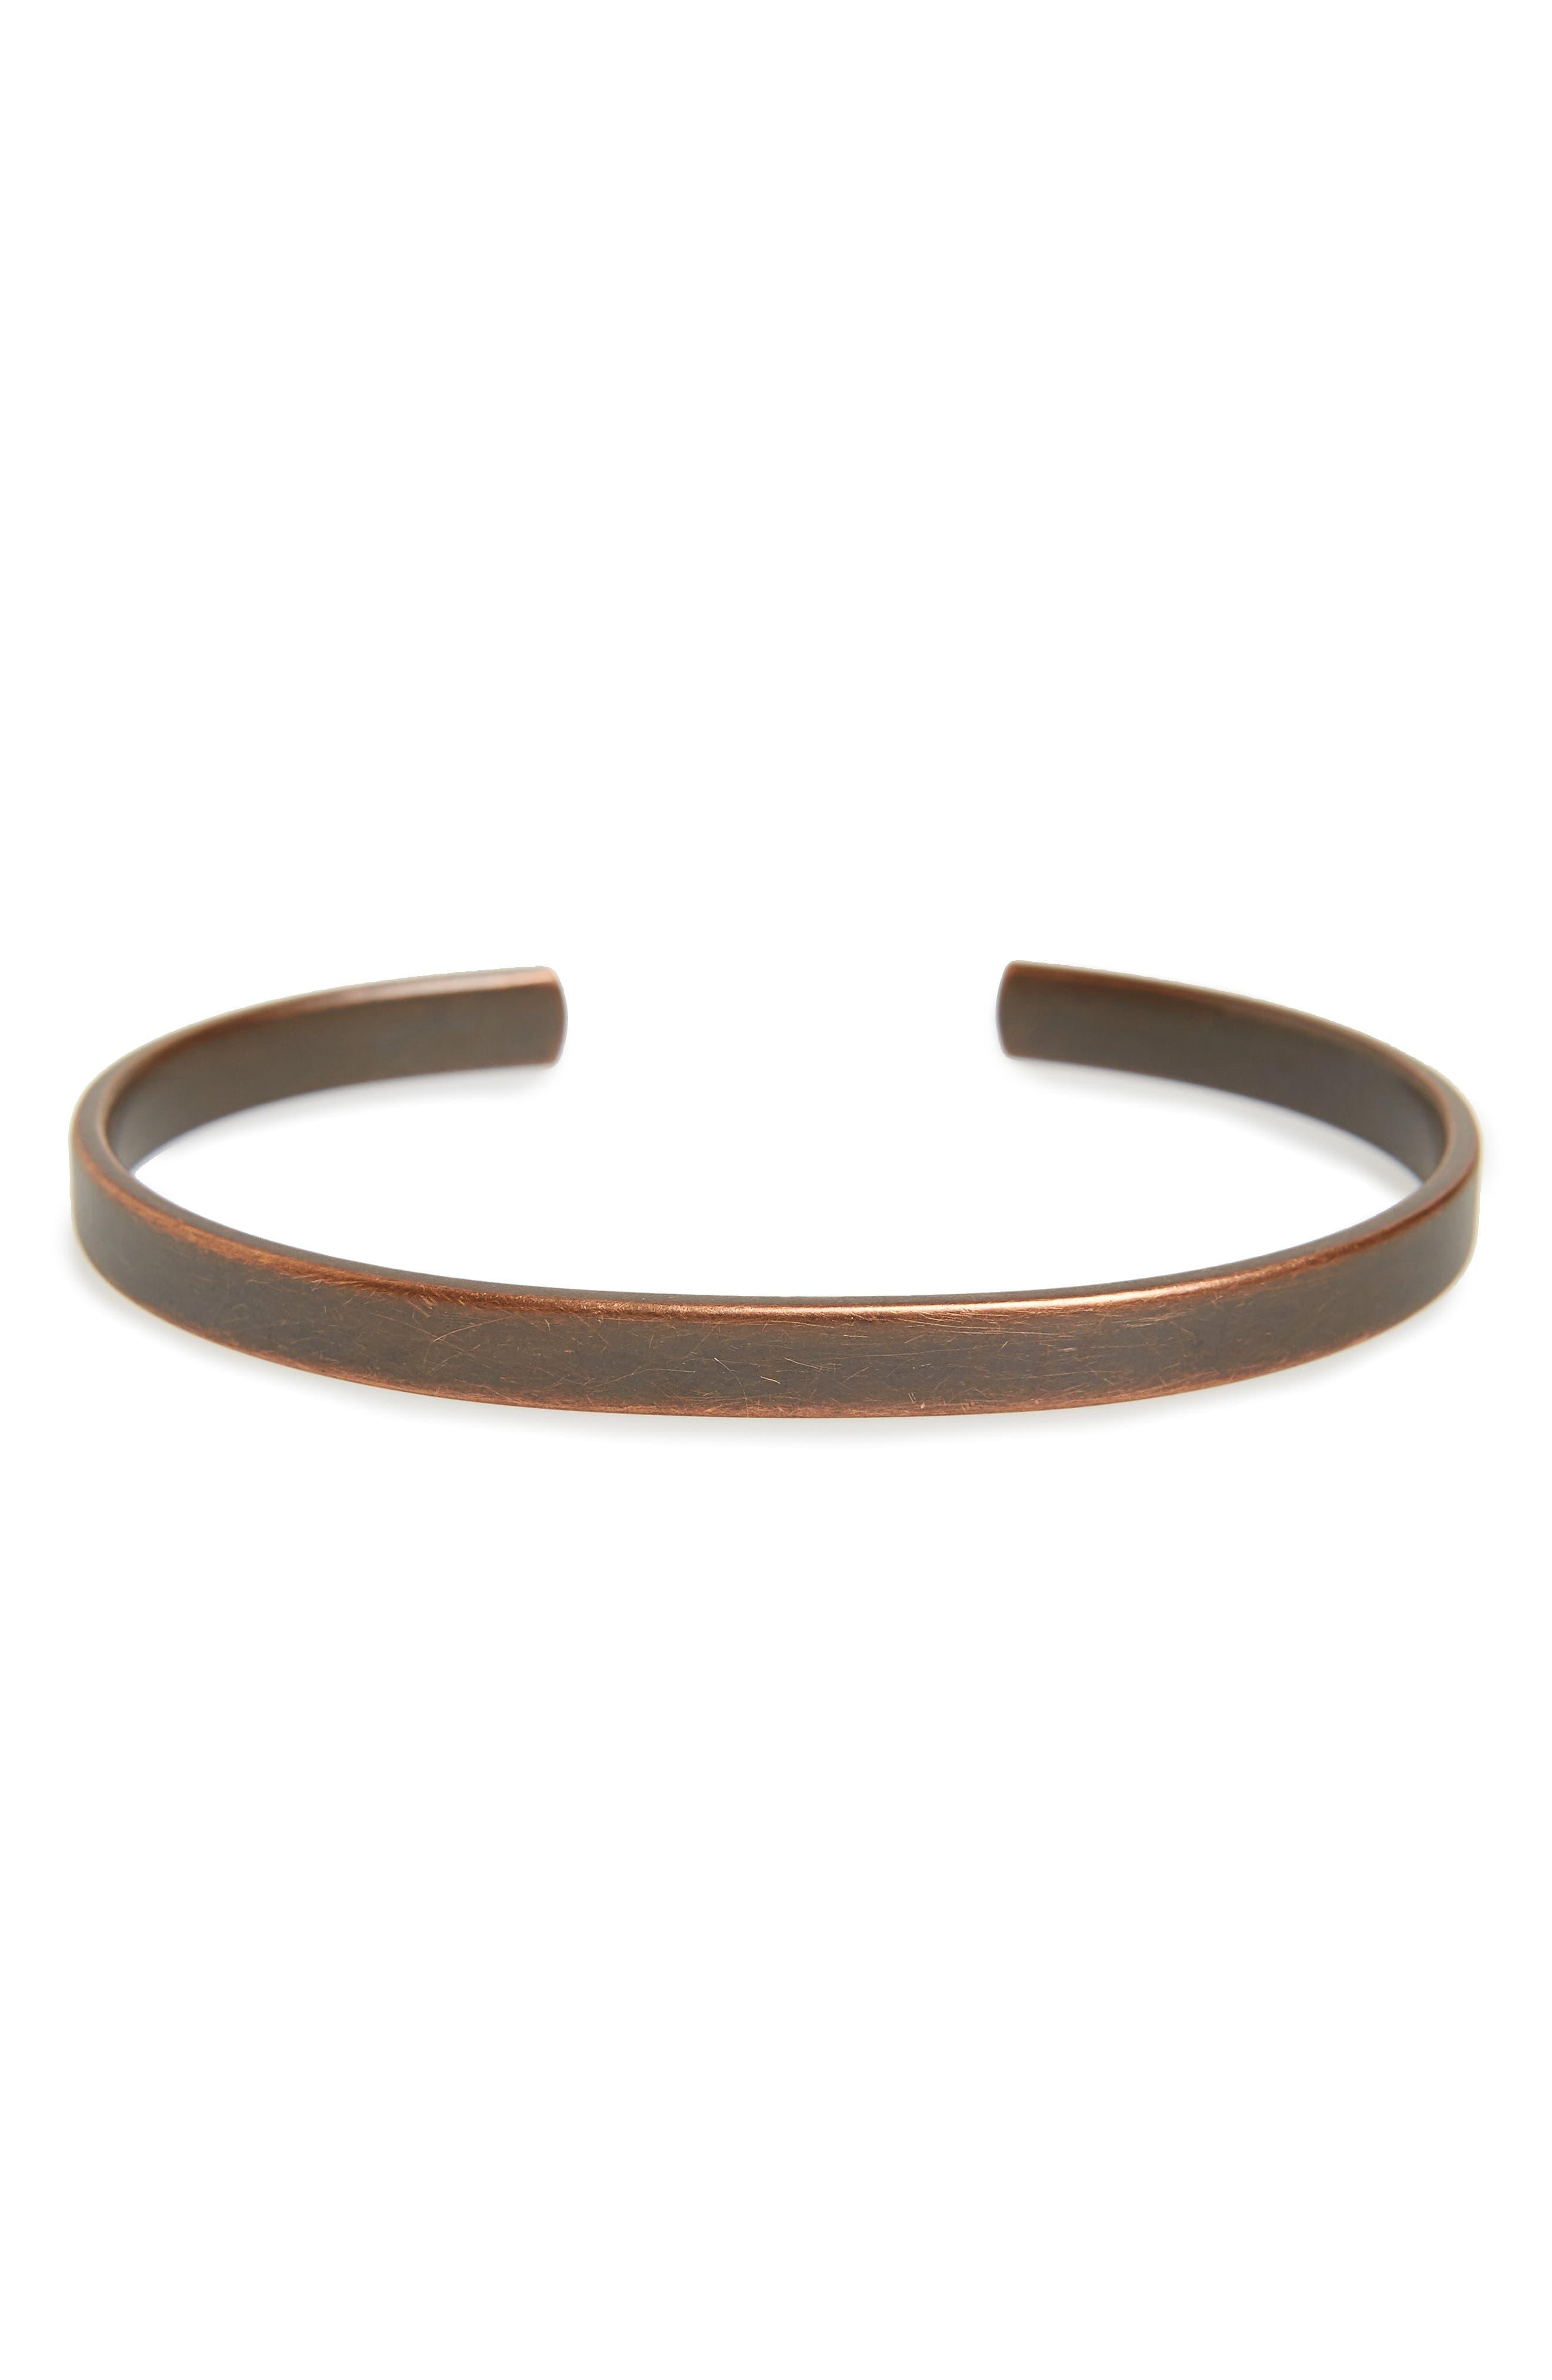 CAPUTO & CO. Clean Metal Cuff Bracelet in Antique Silver